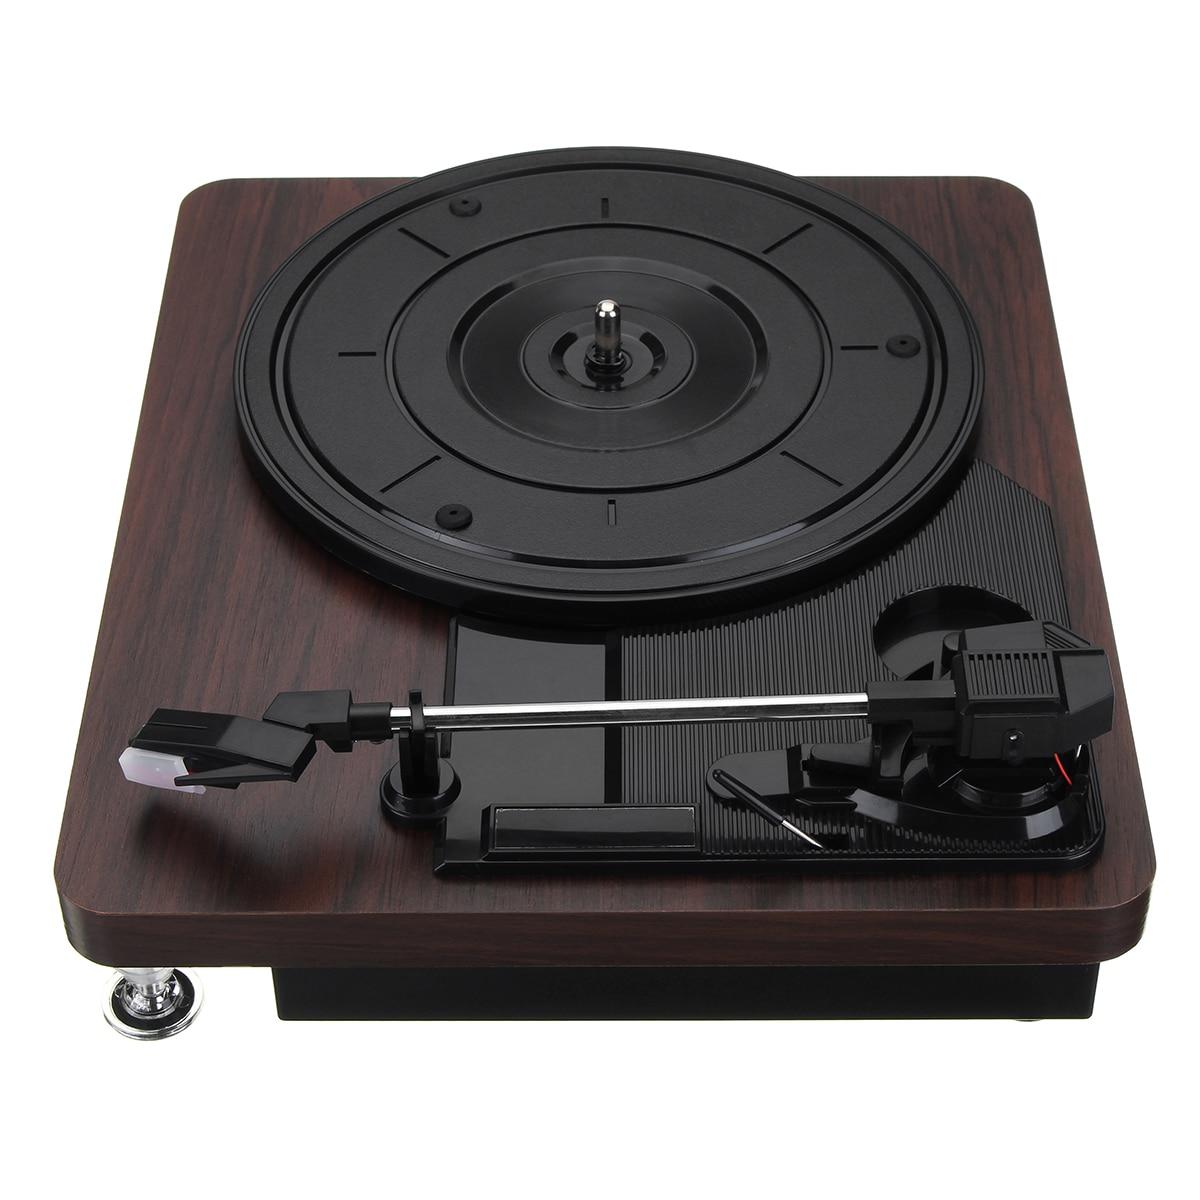 Tragbares Audio & Video Magnetische Patrone Stylus Mit Lp Vinyl Nadel Für Plattenspieler Plattenspieler